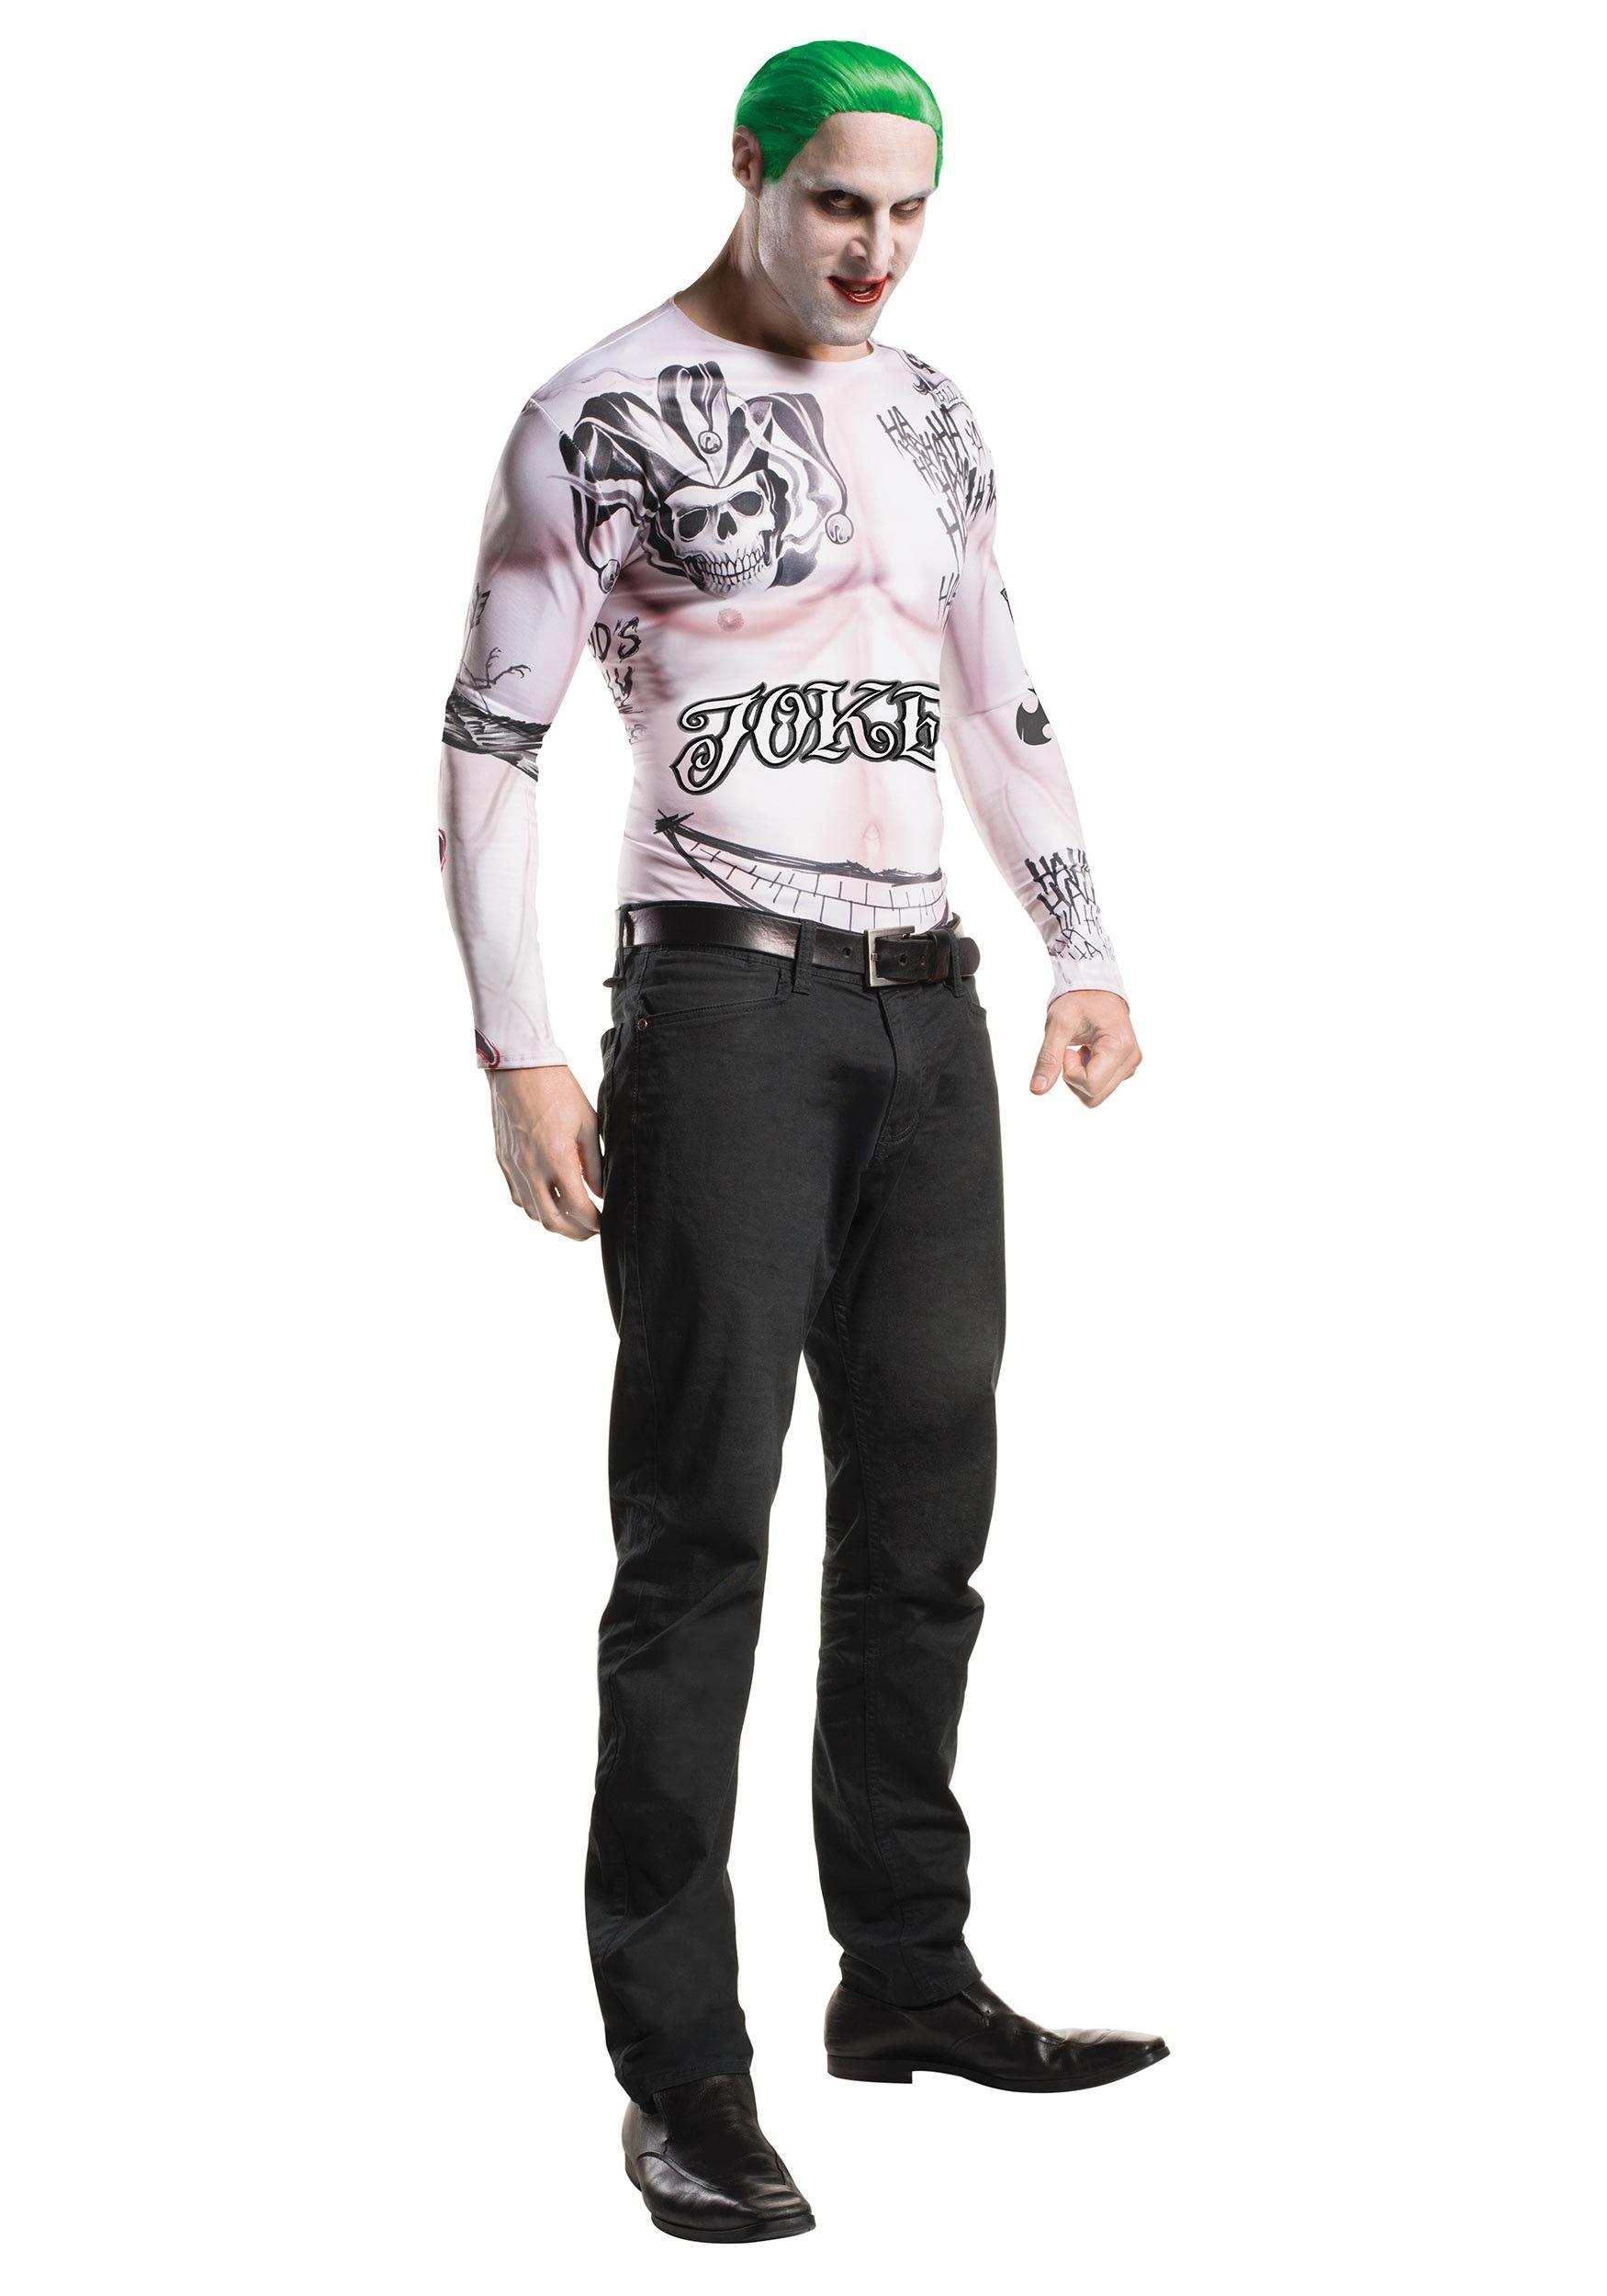 Image result for joker costume kit